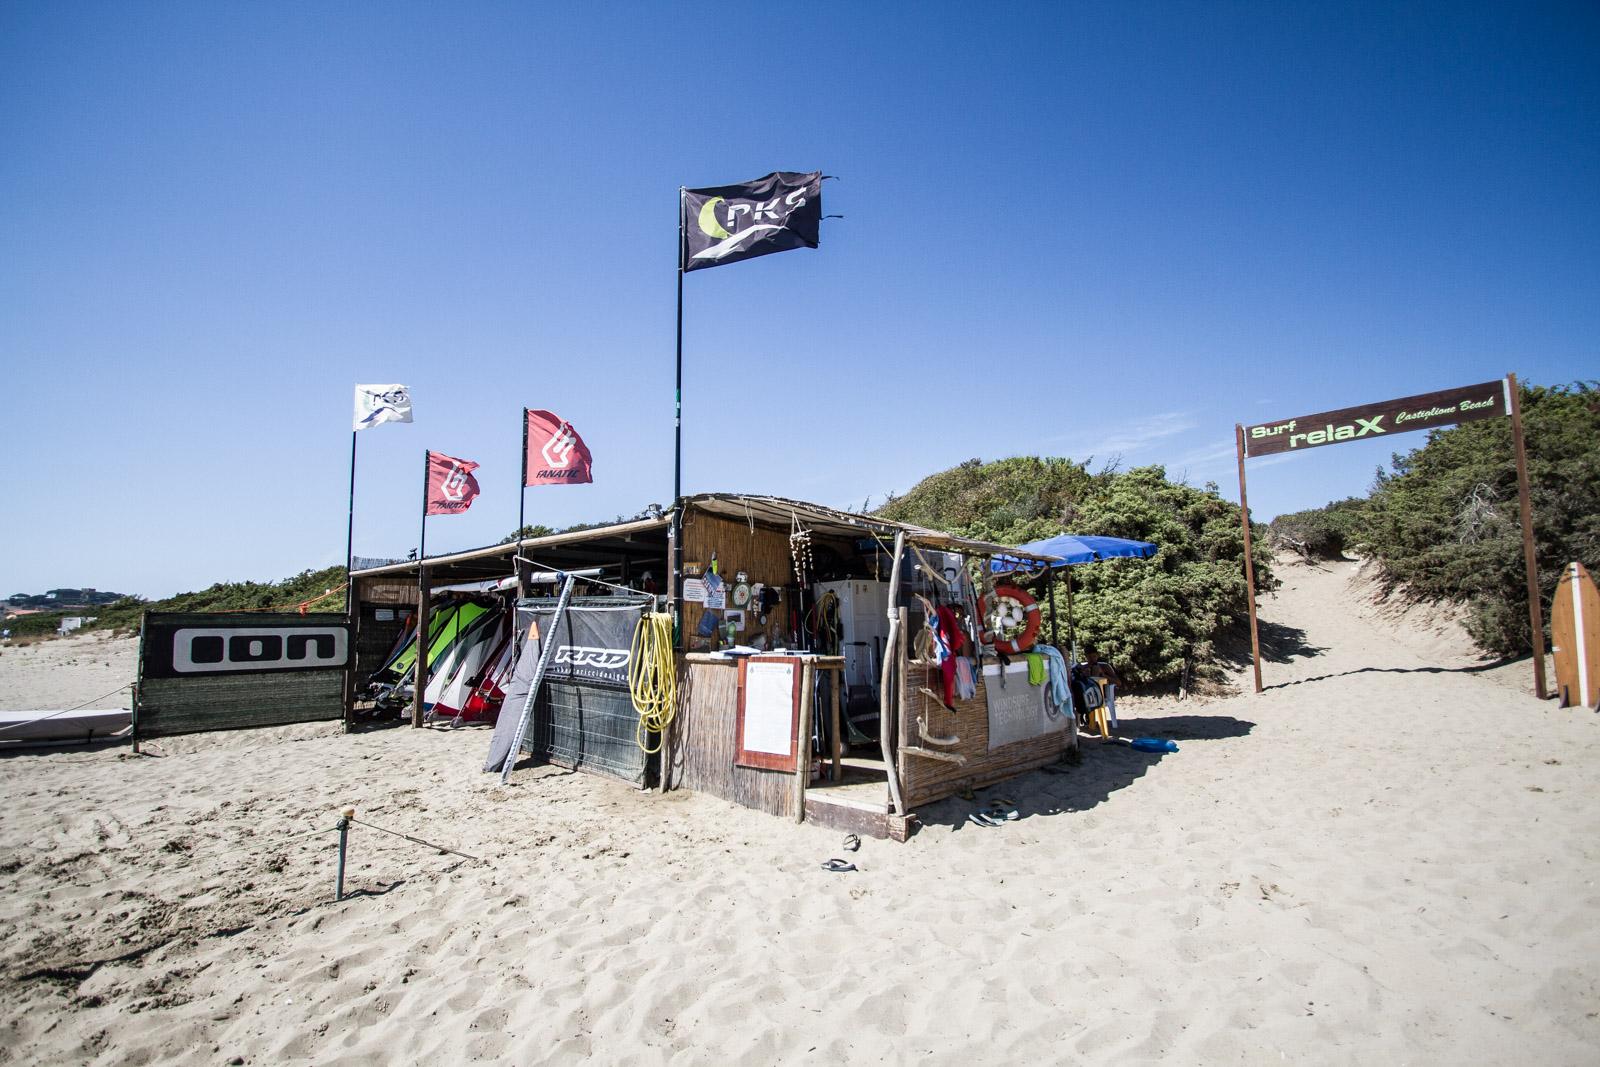 La scuola e il punto noleggio nella spiaggia del Puntone